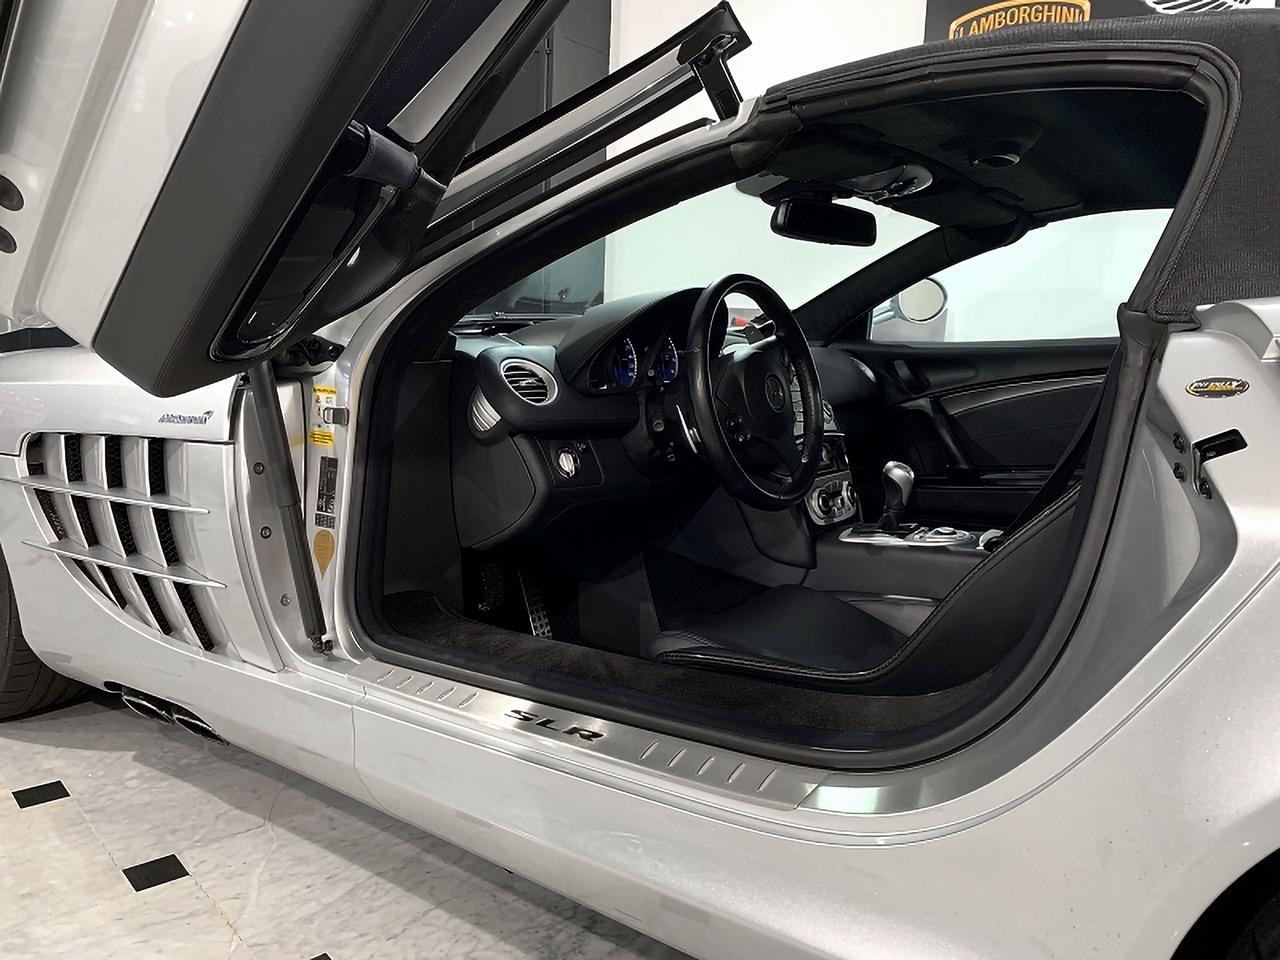 Mercedes-Benz-SLR-Roadster-55-AMG-5